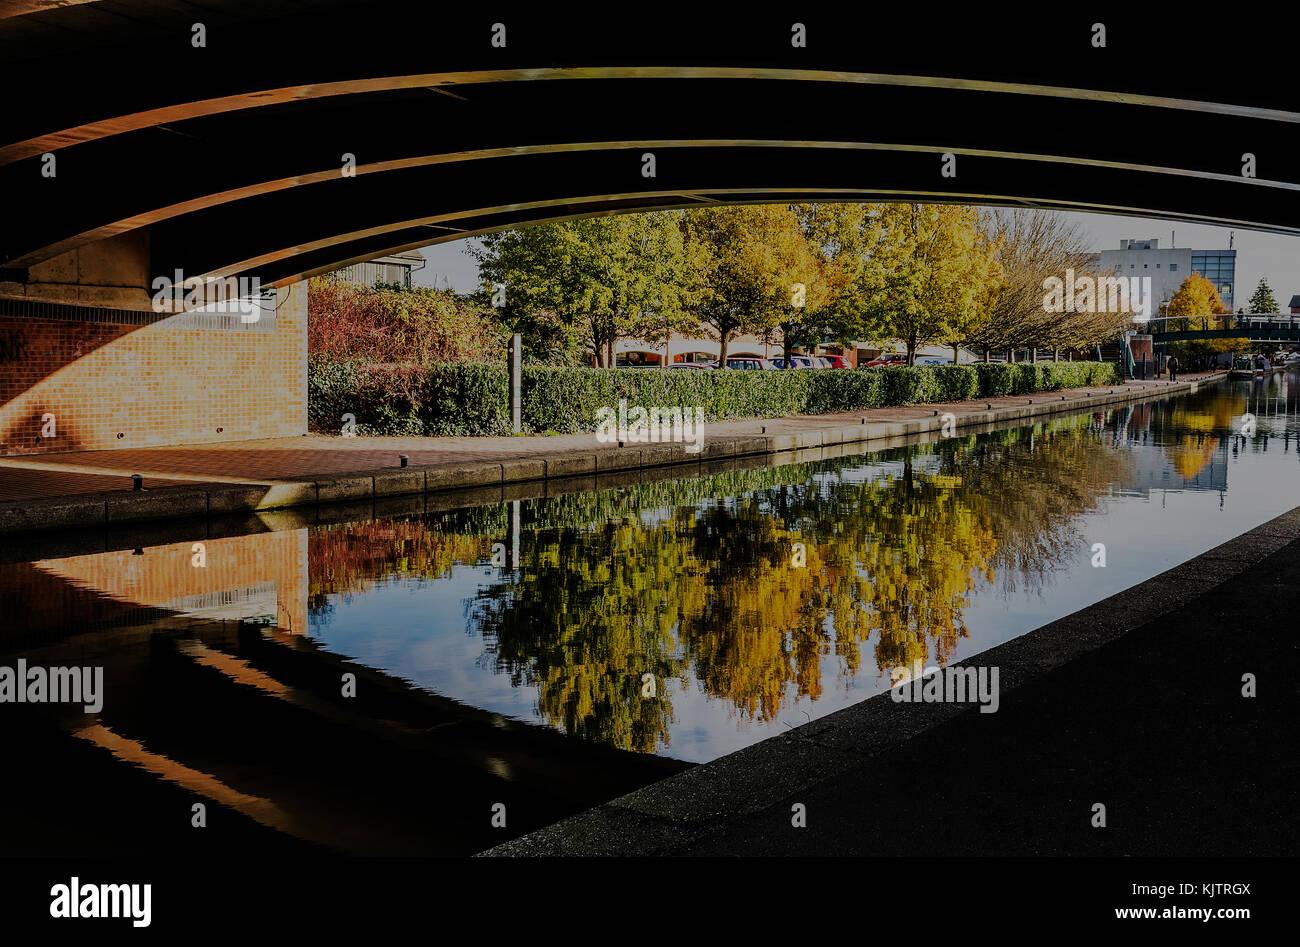 Tom rolt canal bridge, Banbury, Oxfordshire Foto de stock